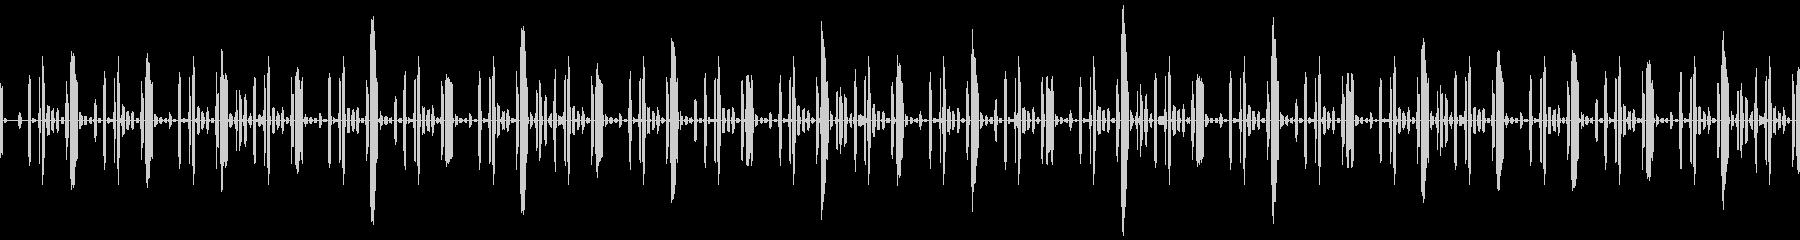 EDM、CLUB系のリズムループの未再生の波形